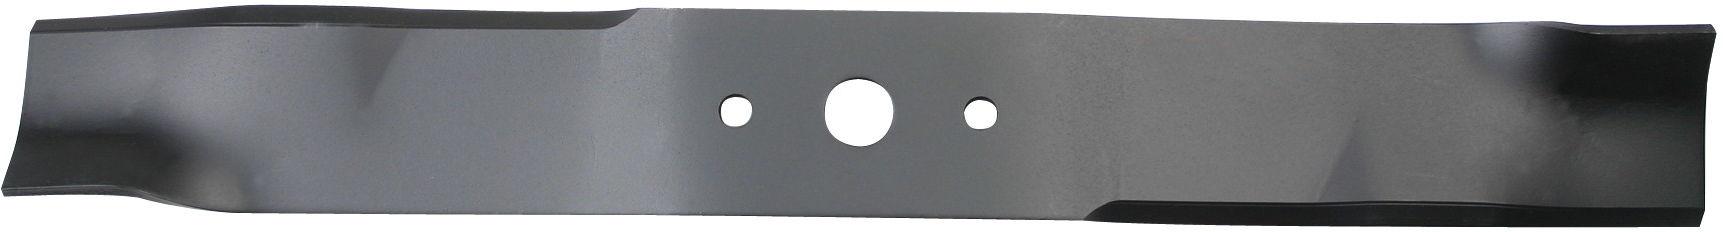 Nóż do kosiarki 46,0cm CastelGarden R484